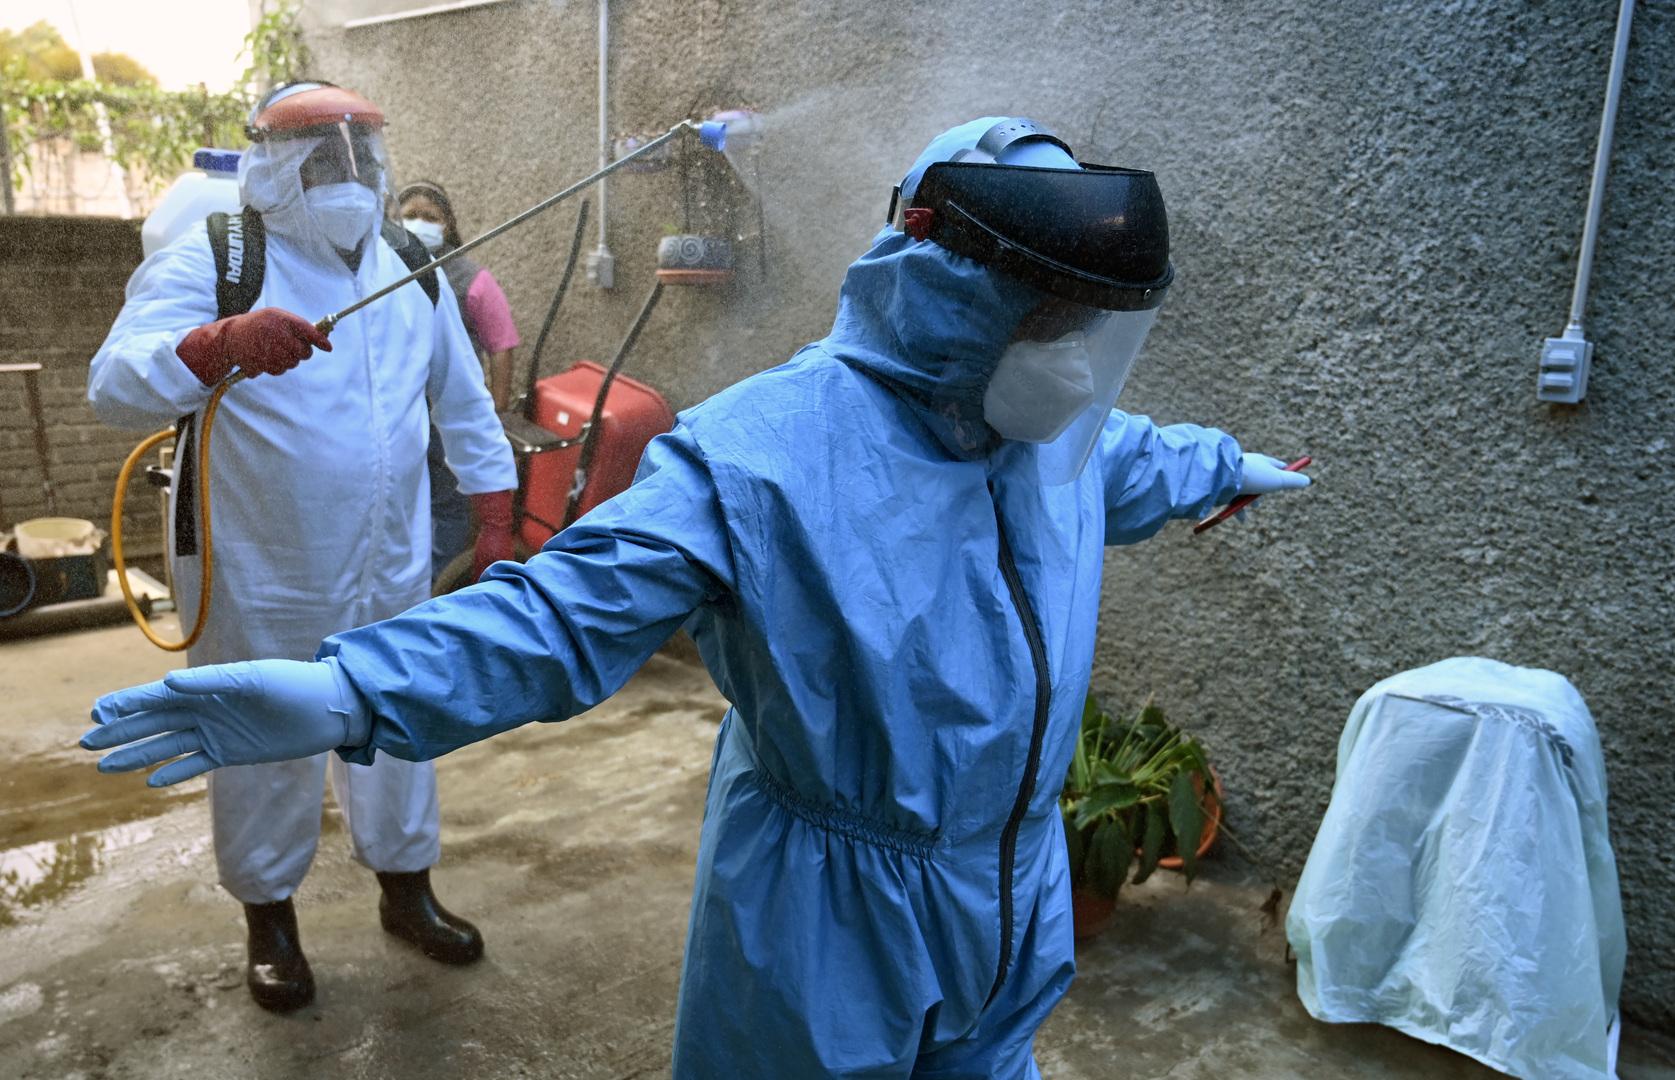 العفو الدولية: لدى المكسيك أكبر عدد ضحايا بكورونا بين الأطباء